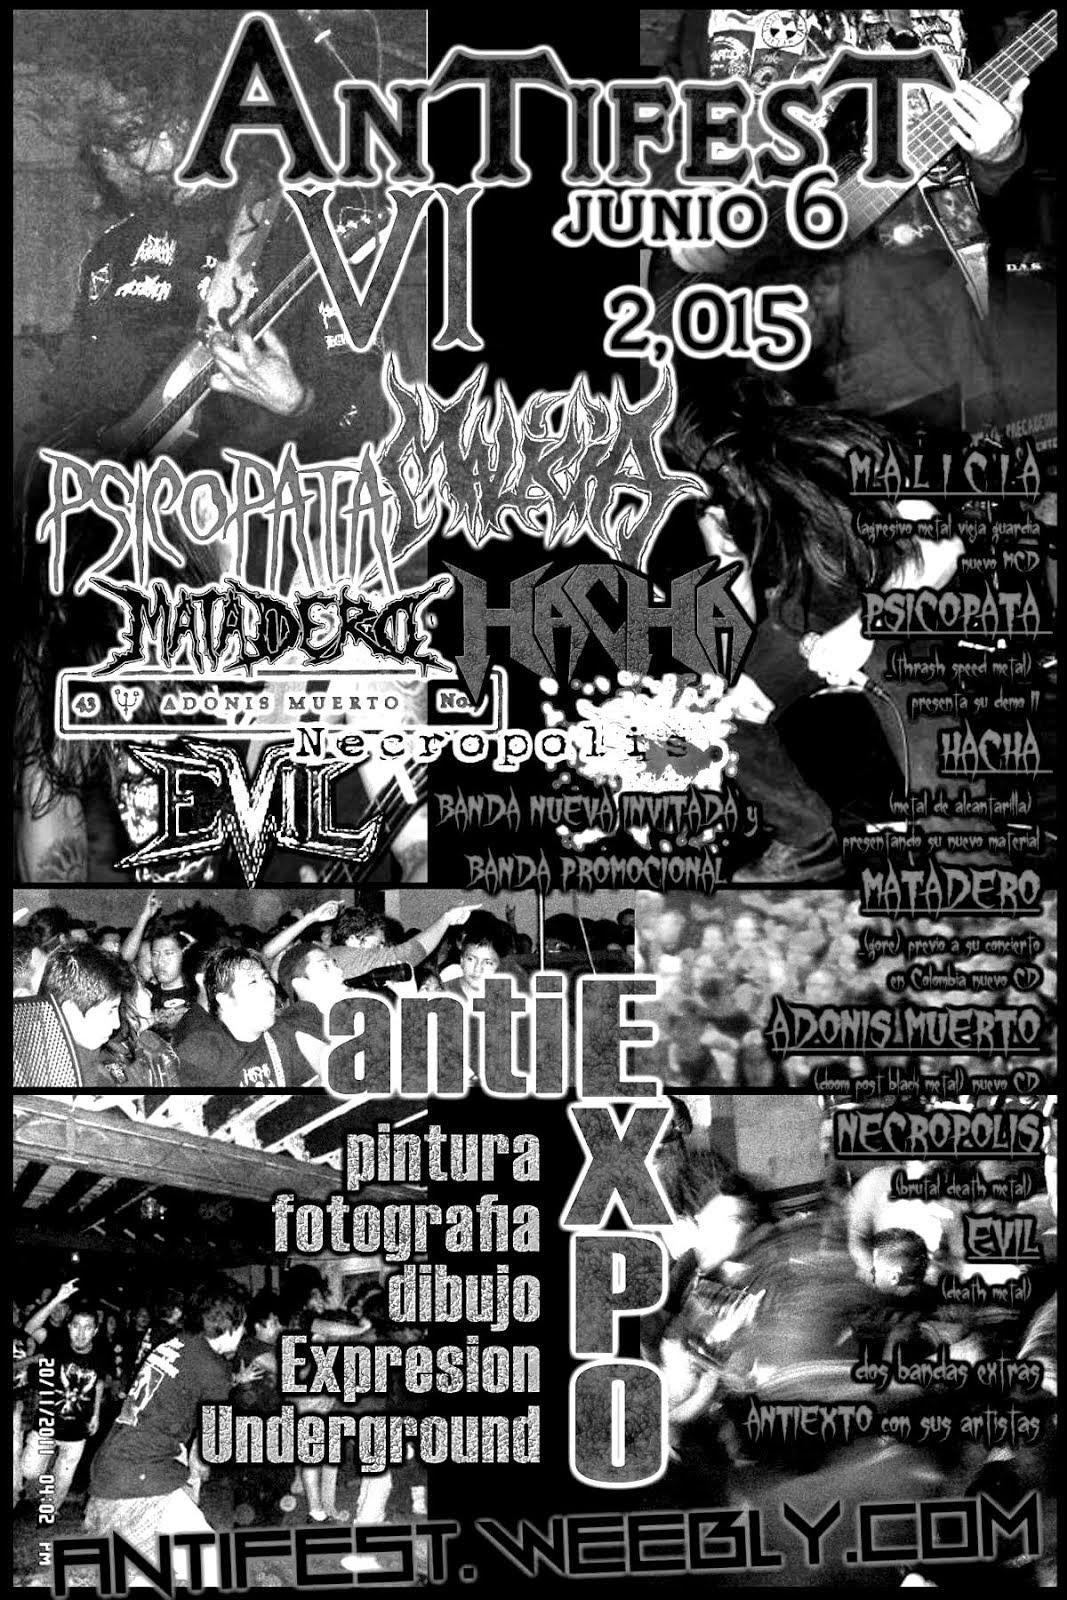 Antifest 06 06/06